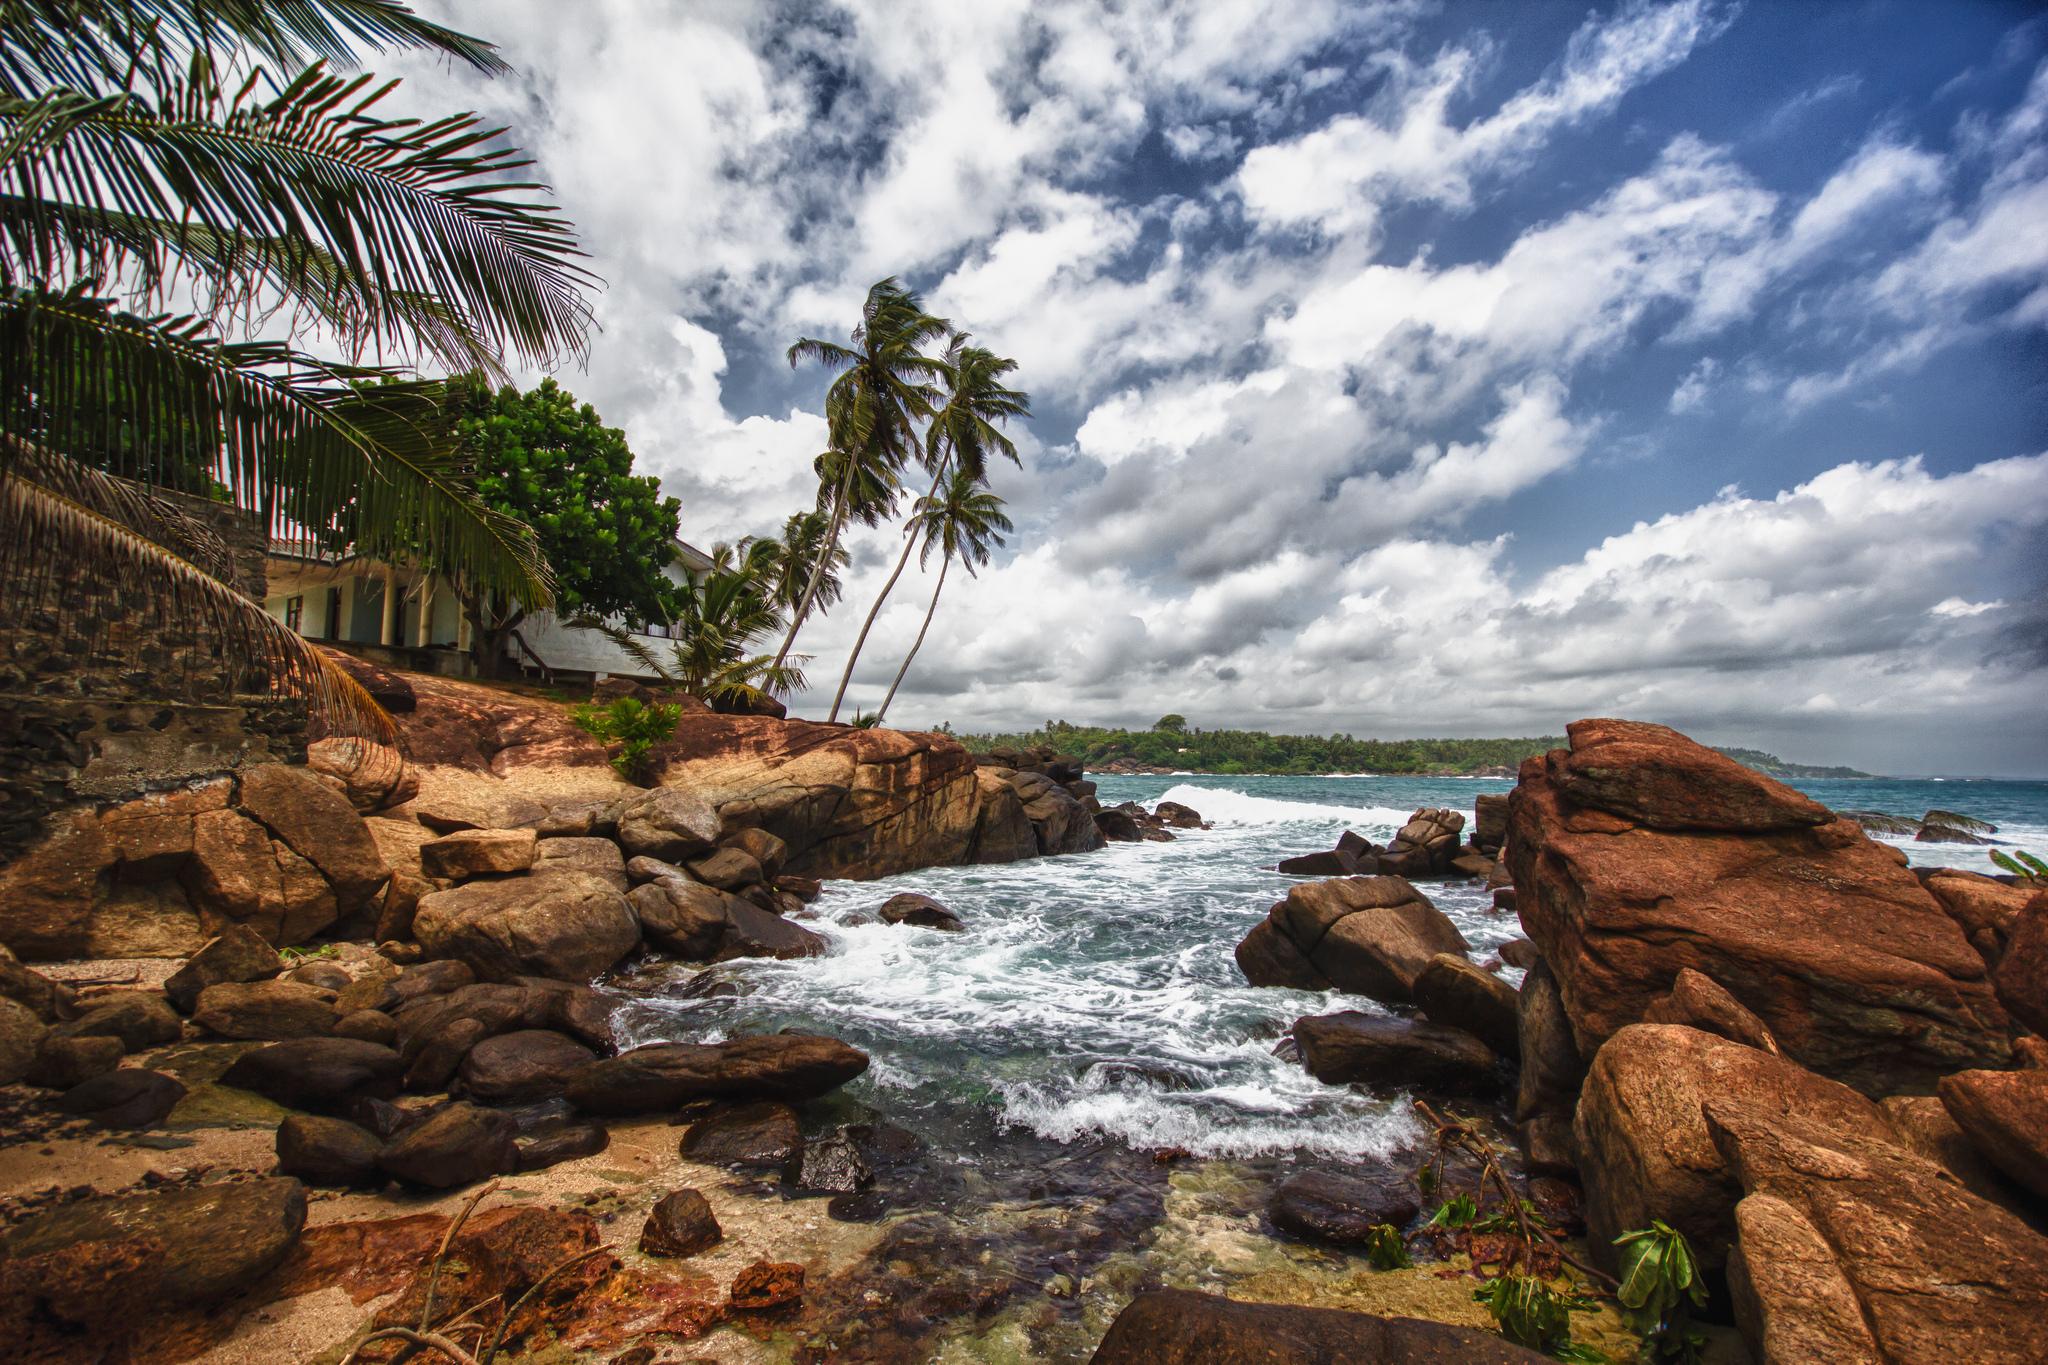 берег камни пальмы shore stones palm trees  № 792064 загрузить